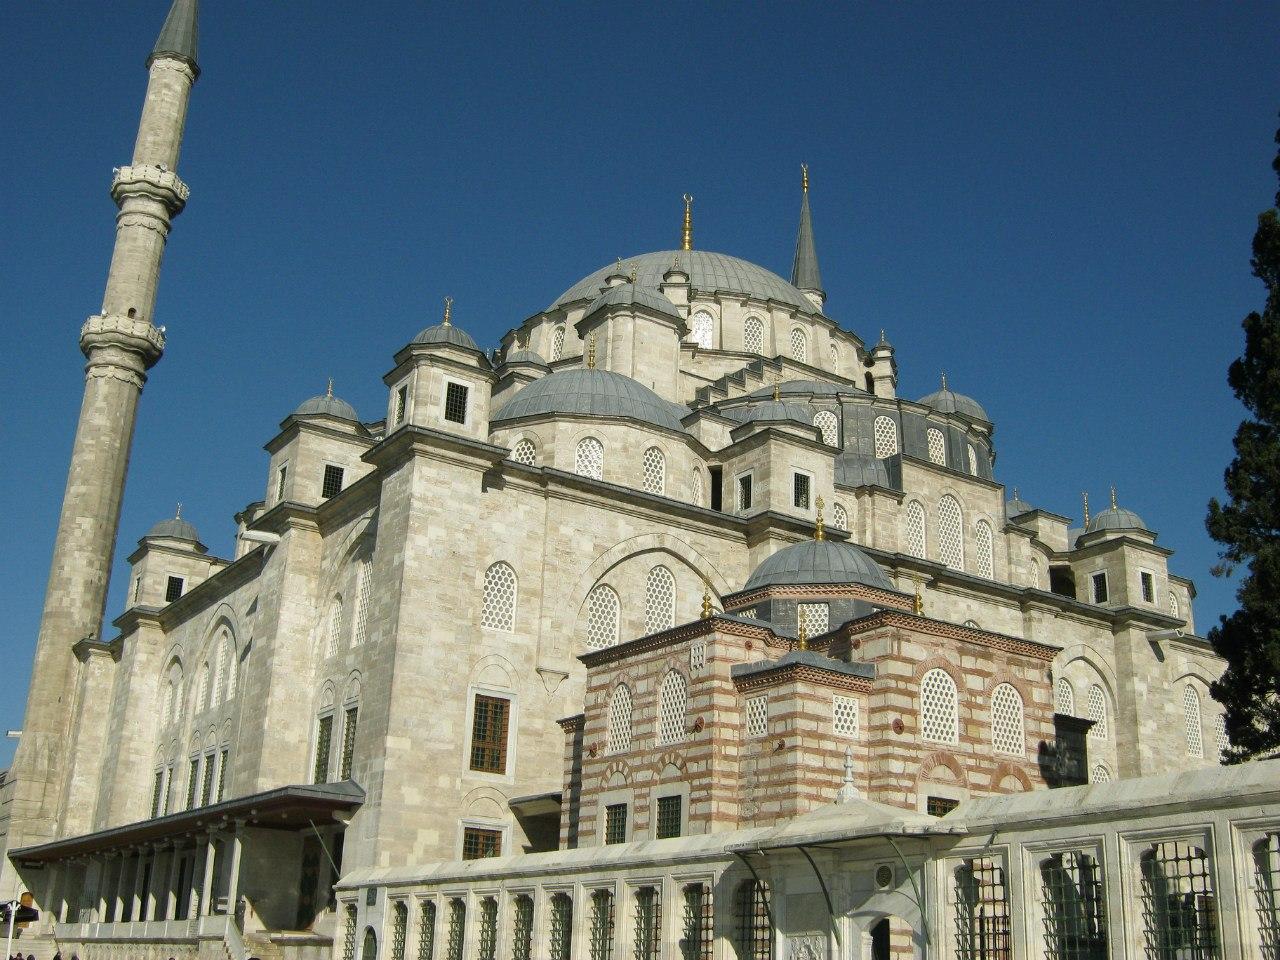 мечеть Фатих в Стамбуле и гробница Султана Мехмеда Фатиха